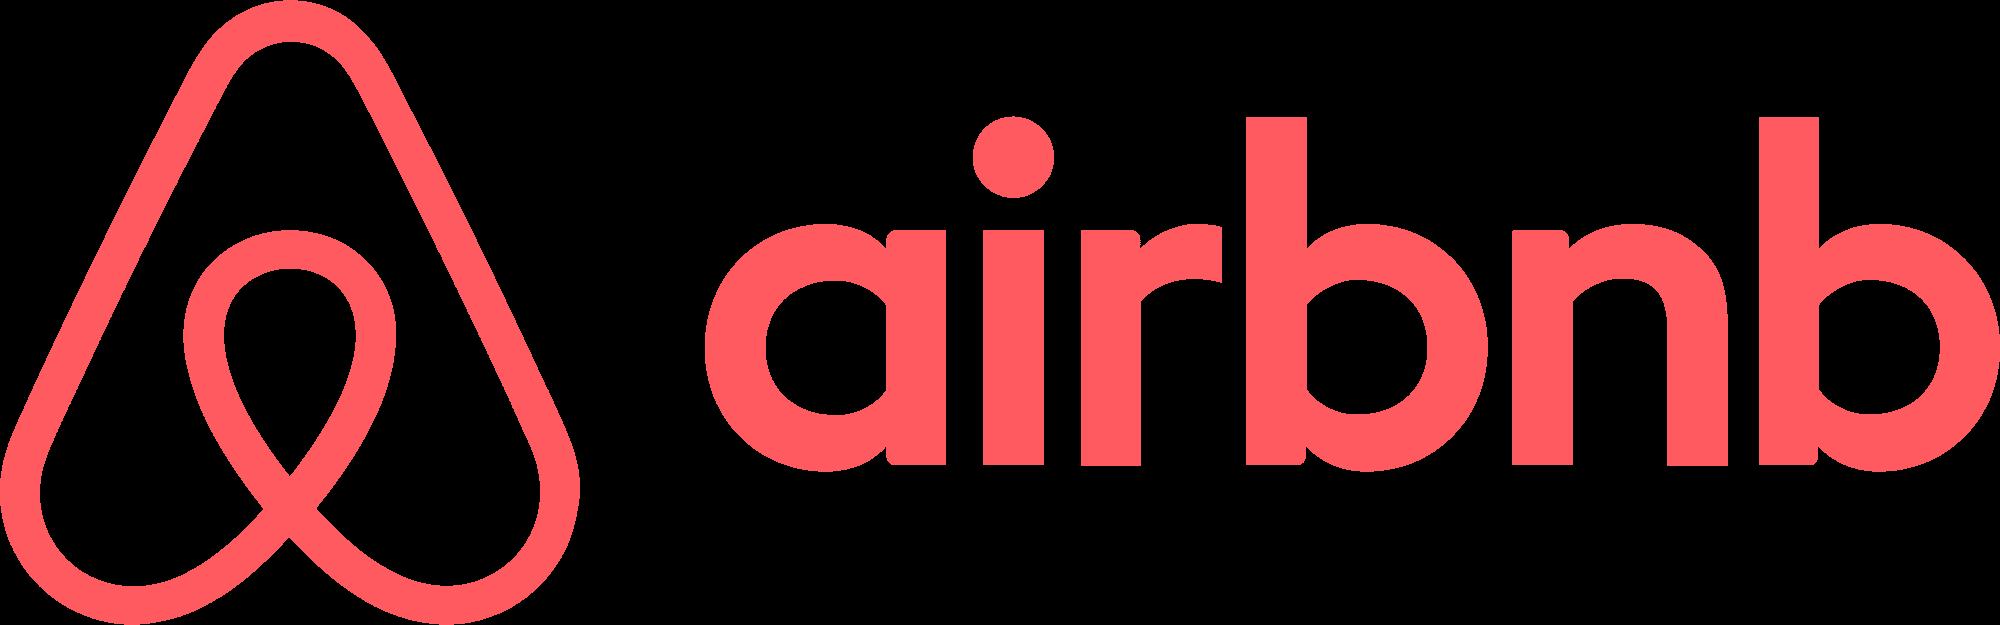 נופש בחו״ל איירבנב Airbnb